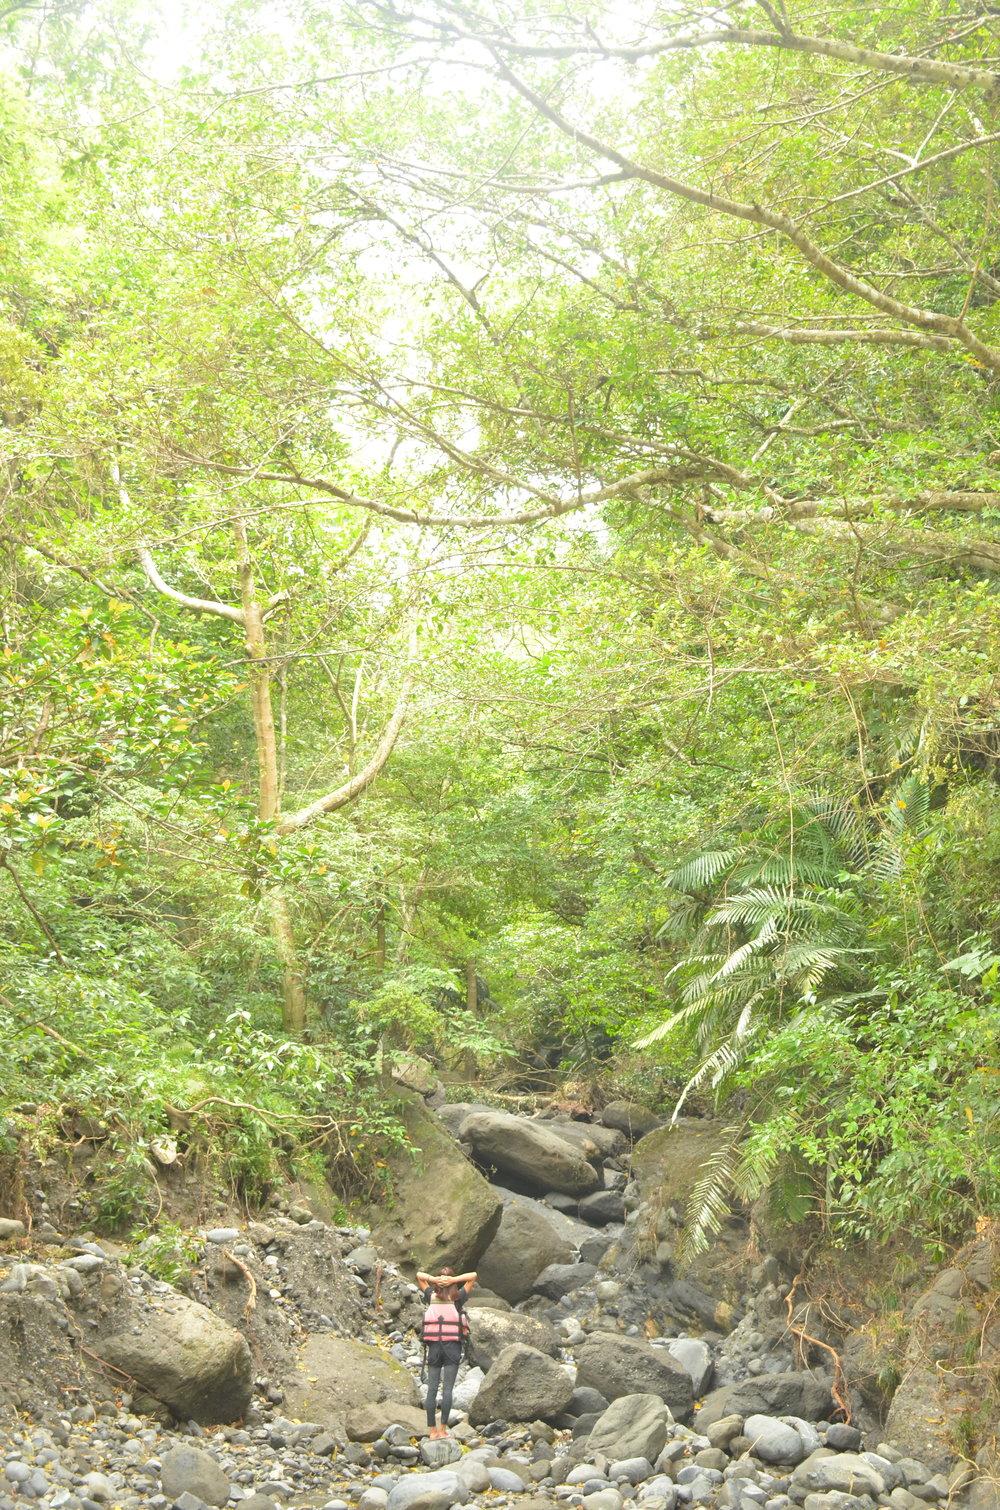 就算是這樣的一條小溪,身處其中的人類還是顯得渺小